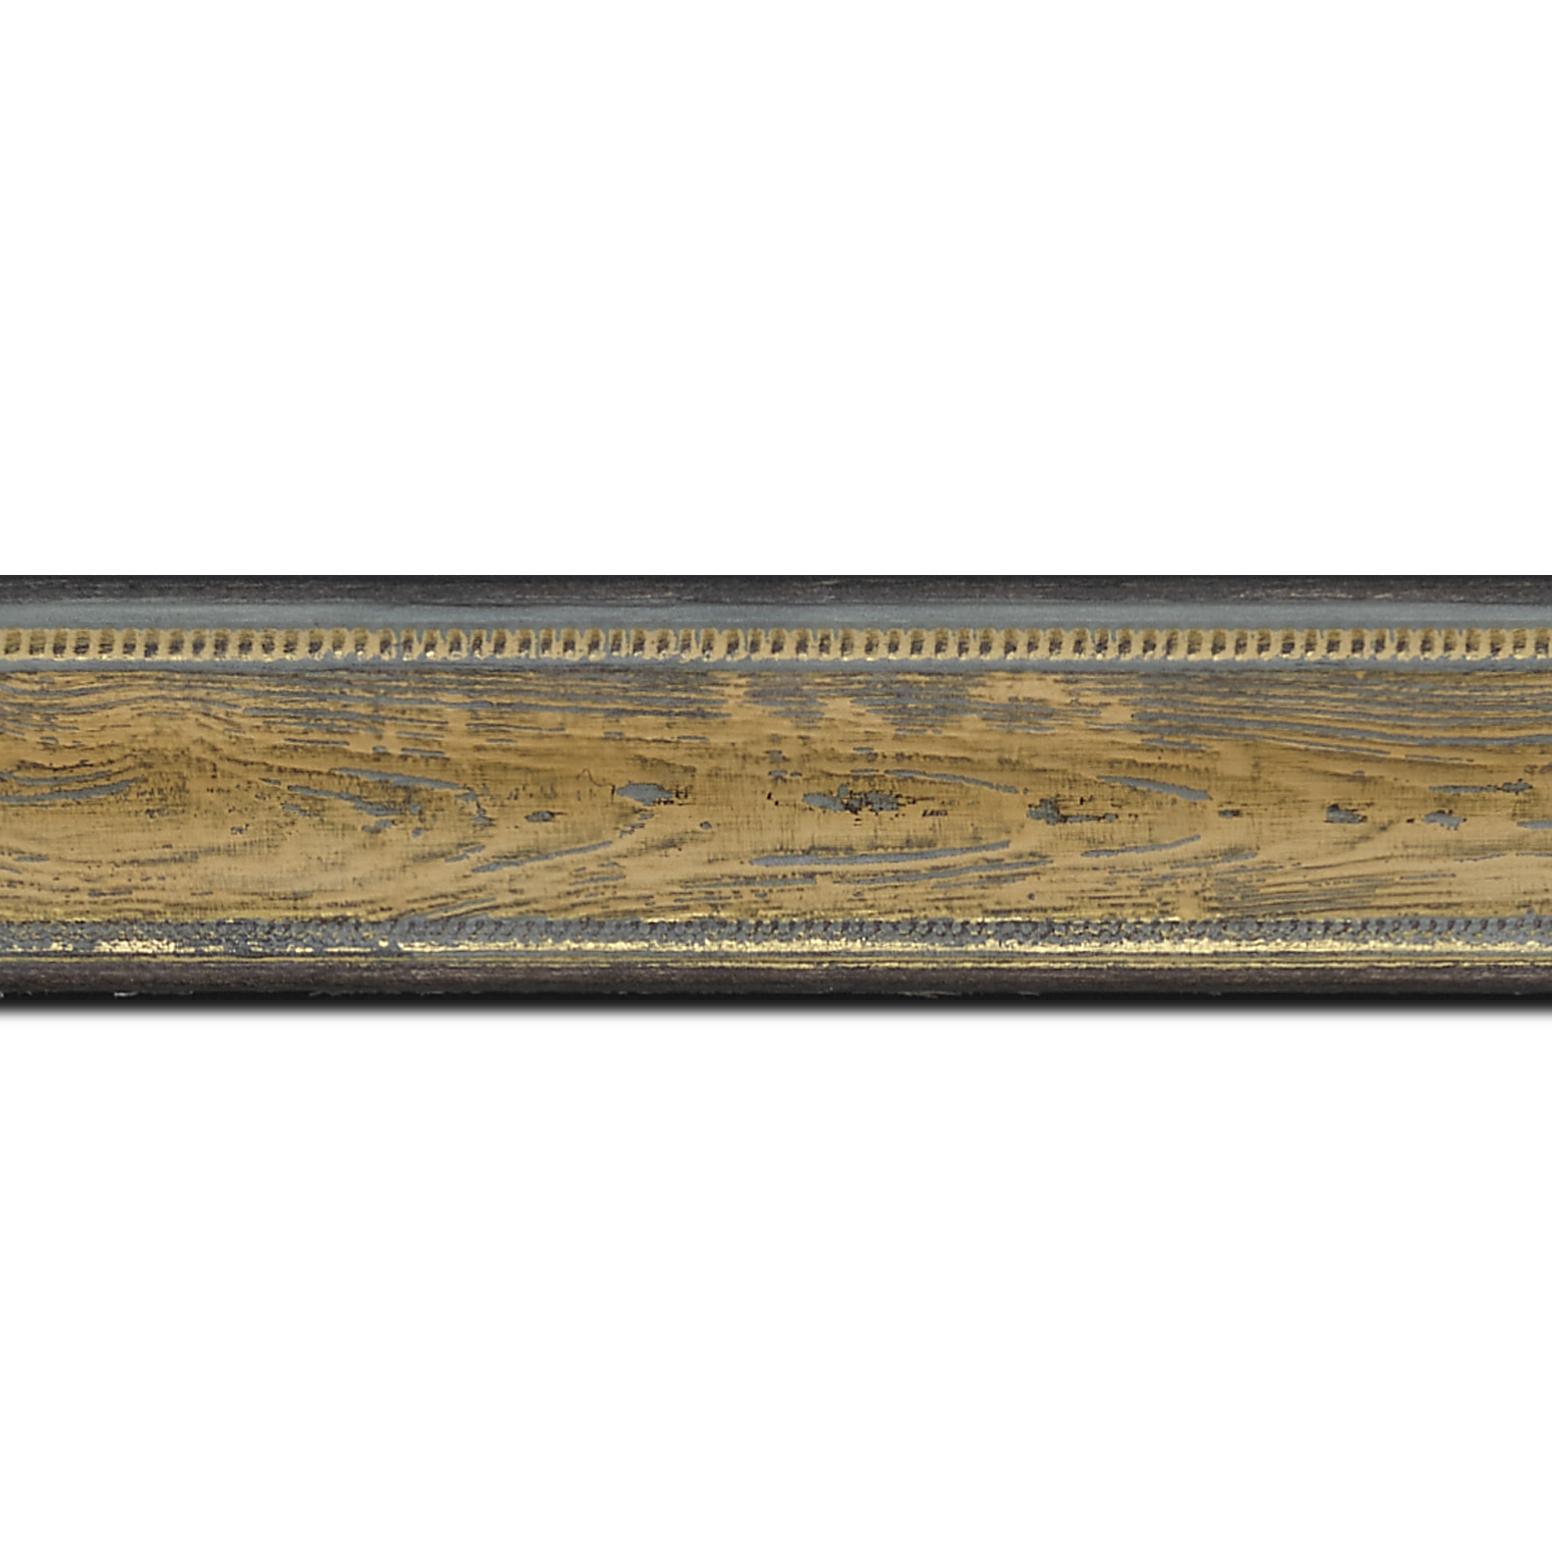 Pack par 12m, bois incurvé profil incurvé largeur 4.1cm couleur vert sur naturel aspect veiné liseret or (longueur baguette pouvant varier entre 2.40m et 3m selon arrivage des bois)